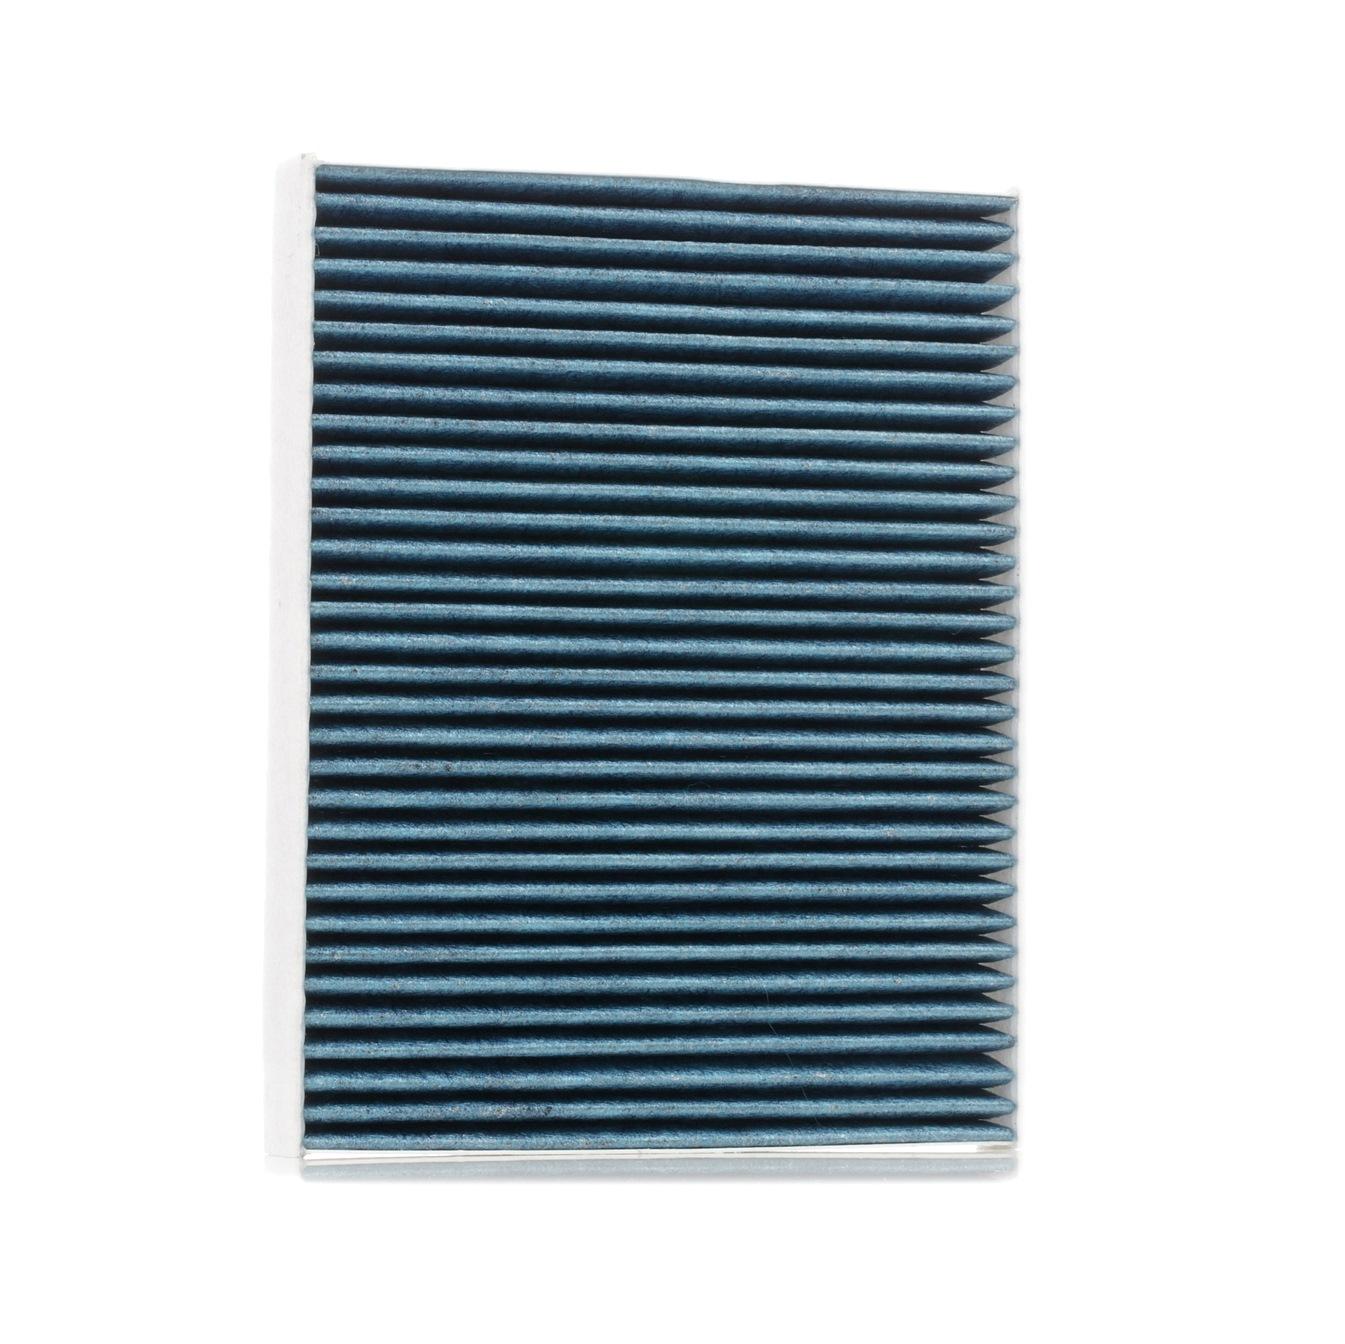 424I0505 RIDEX Aktivkohlefilter, Feinstaubfilter (PM 2.5), mit antiallergischer Wirkung, mit antibakterieller Wirkung Breite: 219mm, Höhe: 34mm, Länge: 278,0mm Filter, Innenraumluft 424I0505 günstig kaufen